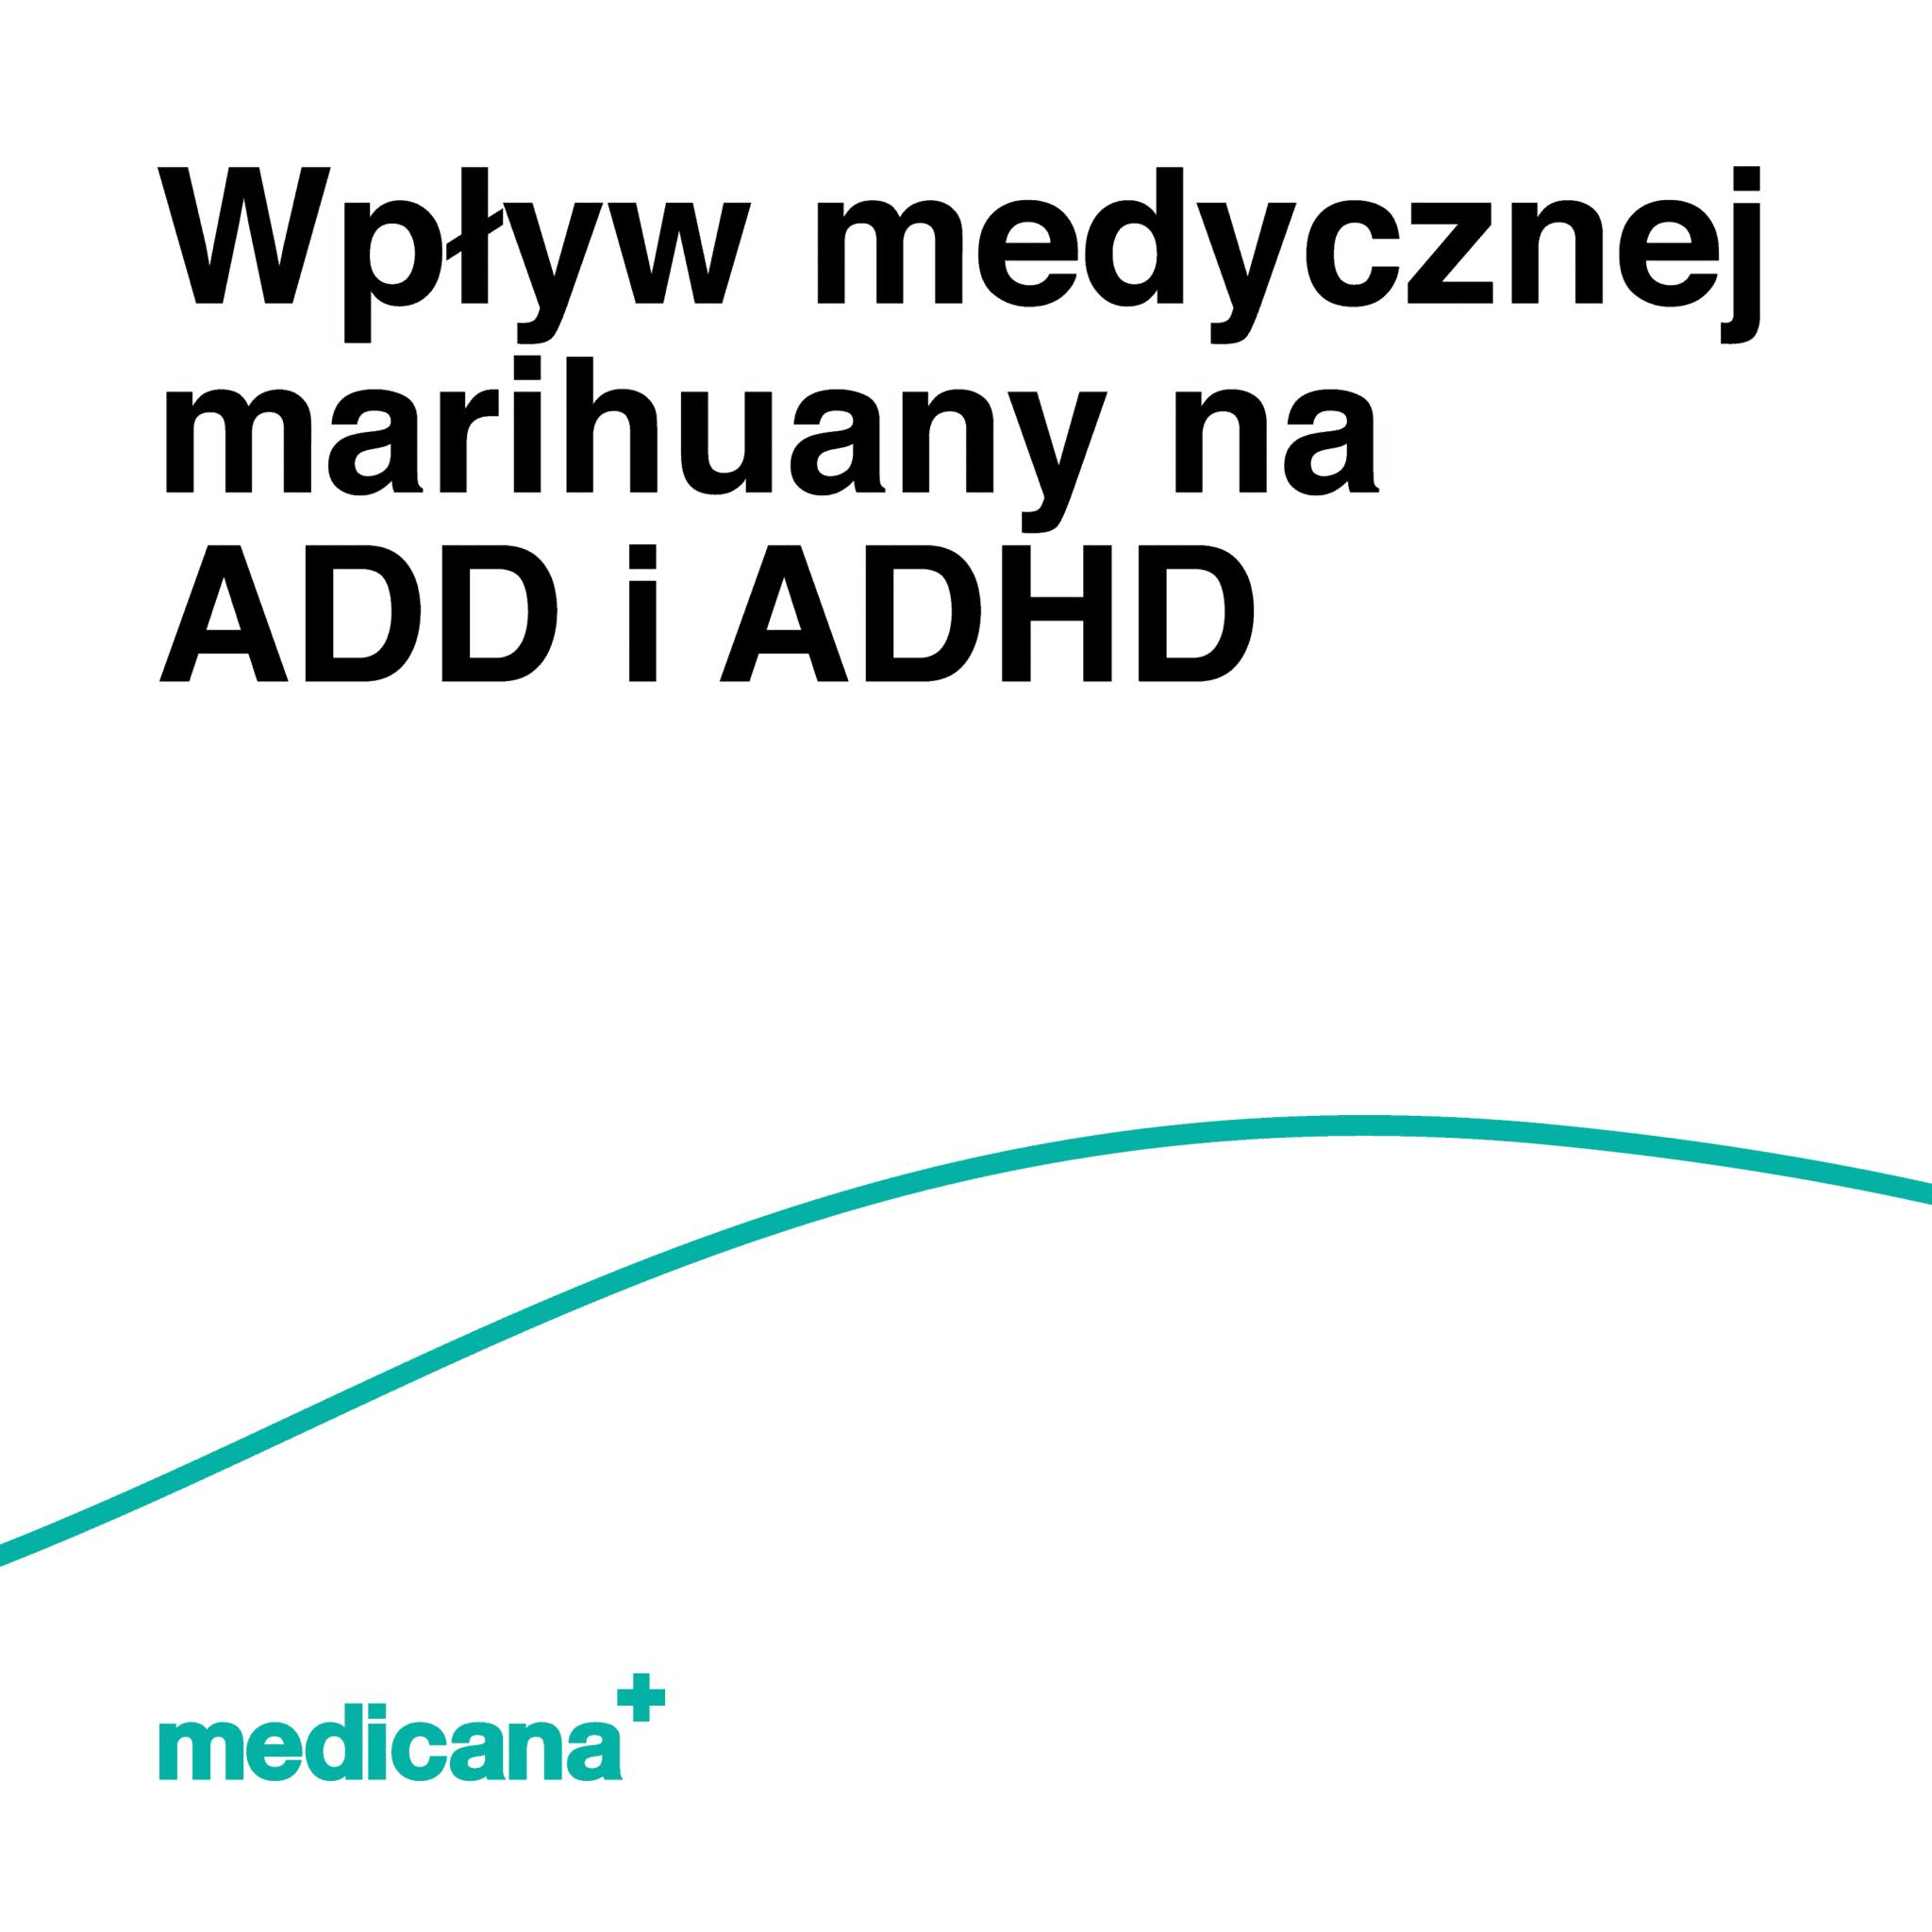 Grafika, białe tło z zieloną linią, czarnym napisem Wpływ medycznej marihuany na ADD i ADHD oraz zielonym logo Medicana w lewym dolnym rogu.